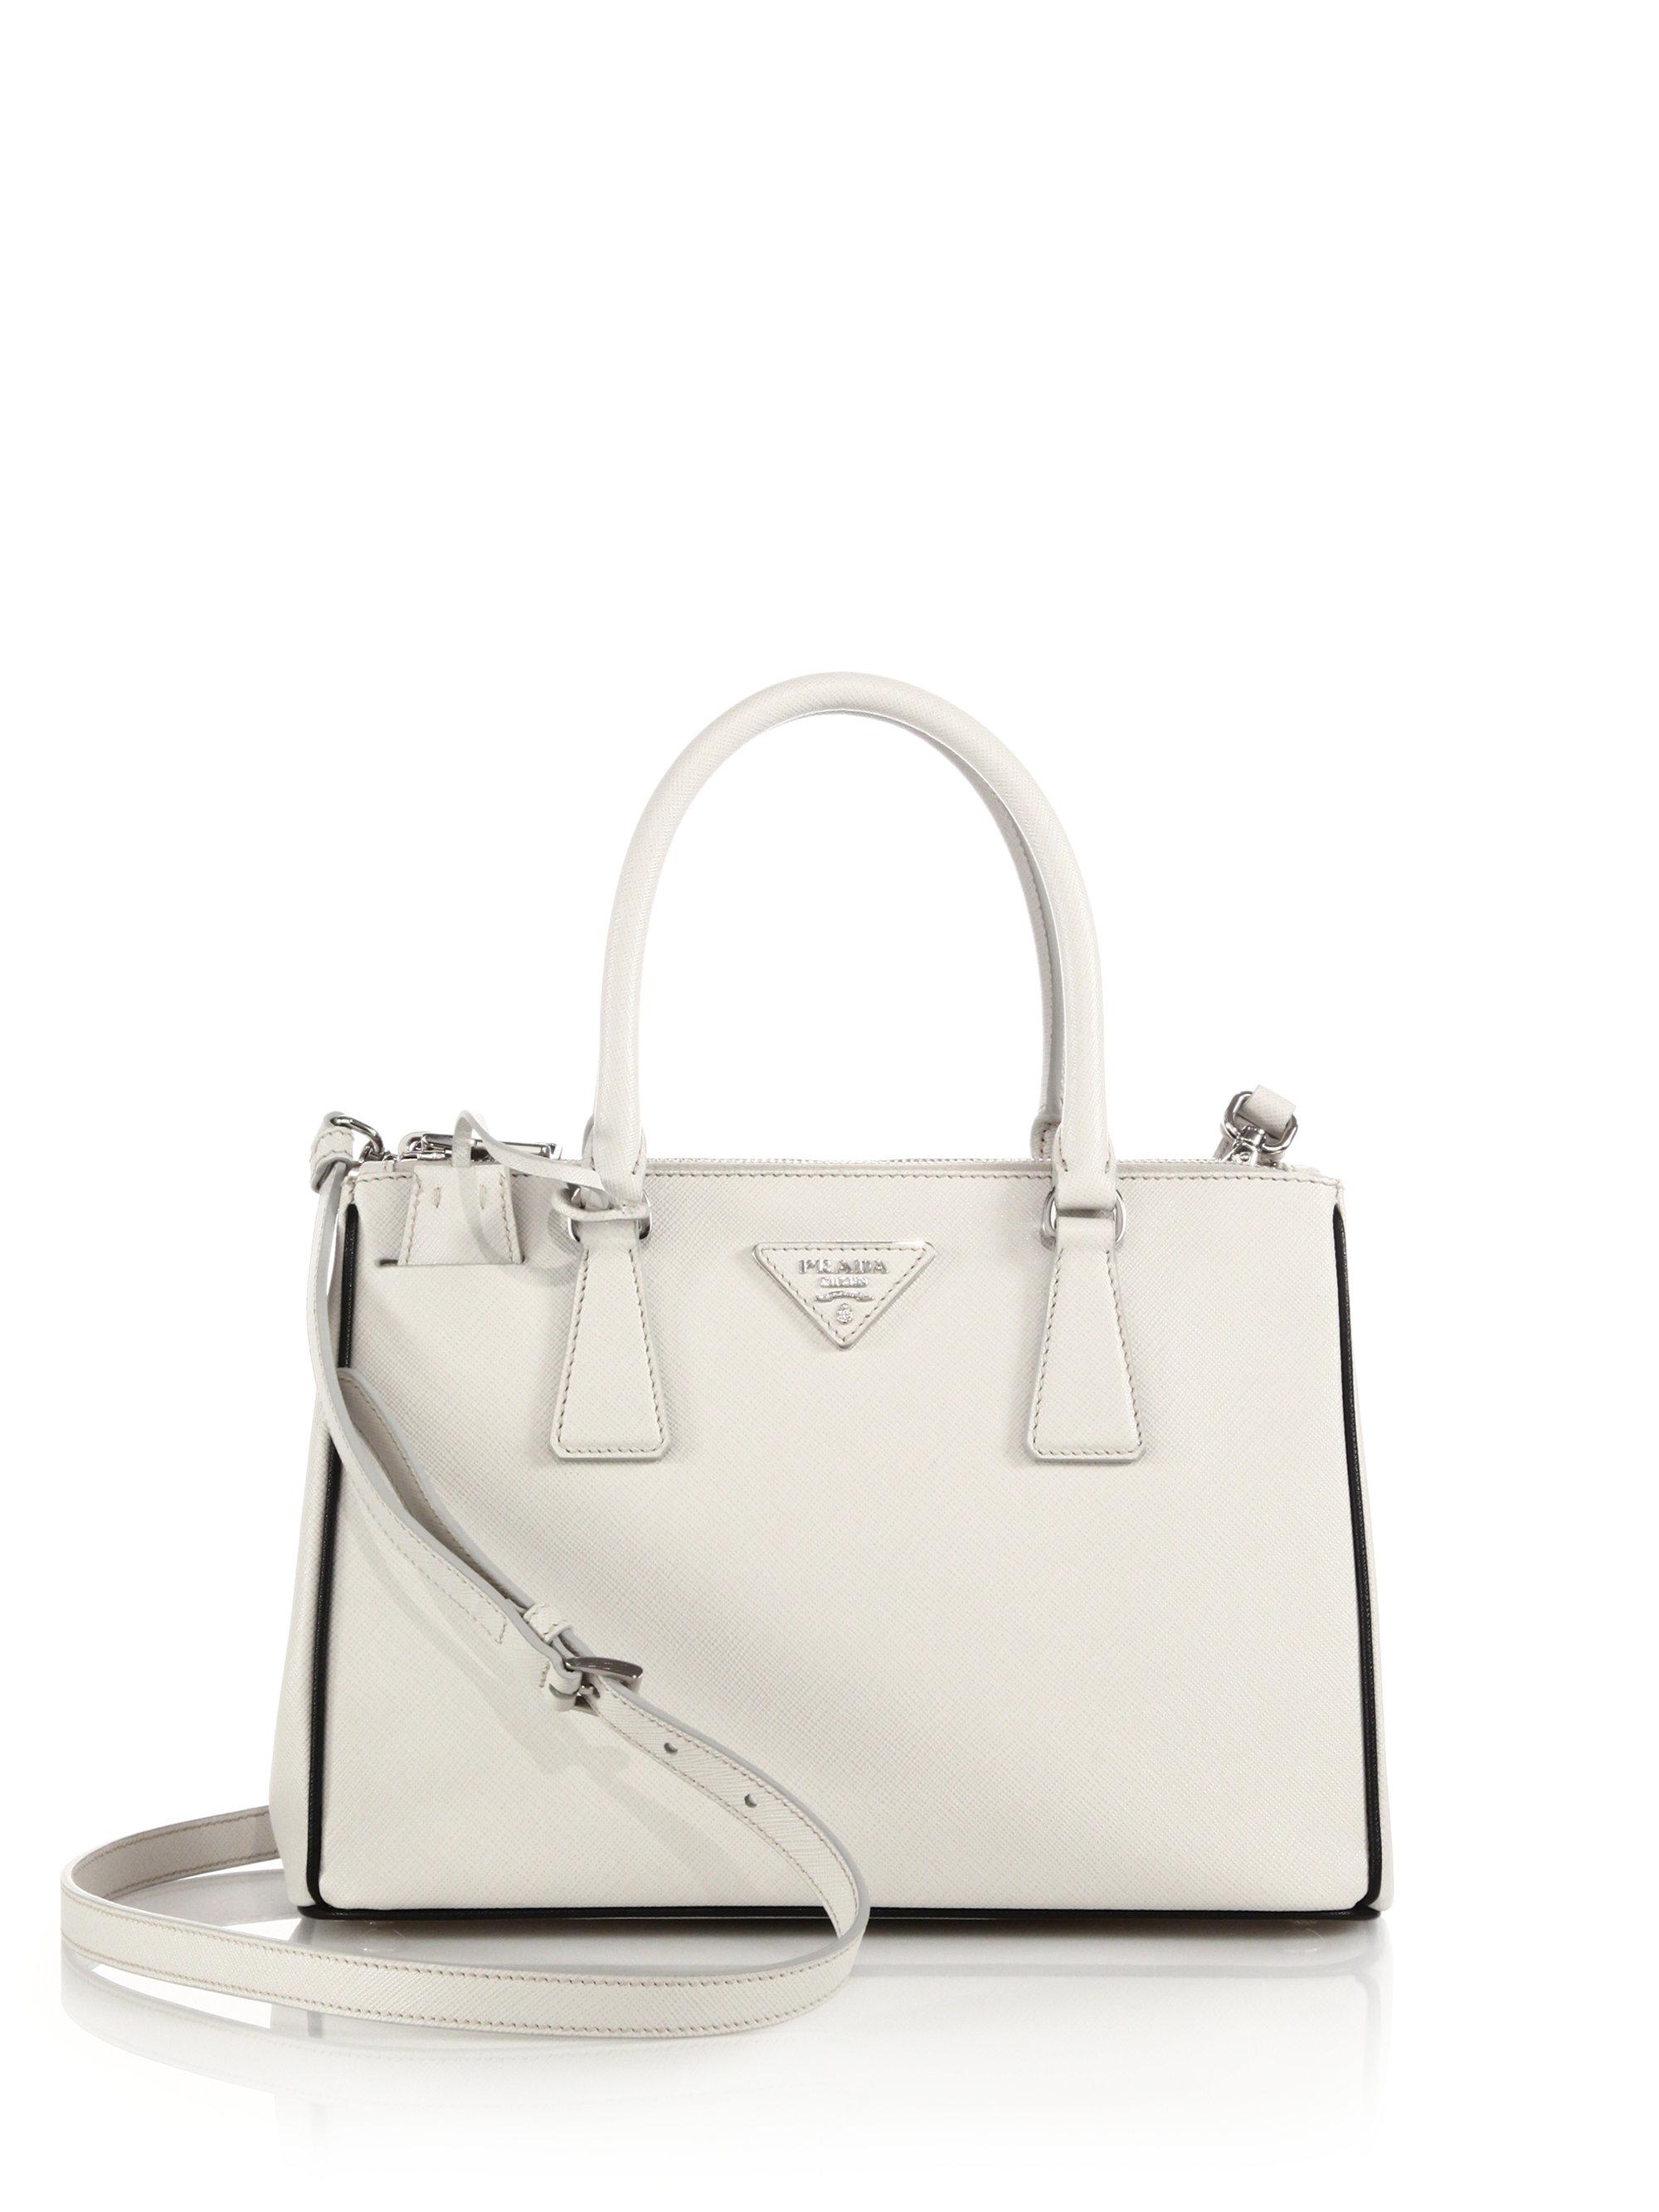 35e9a51888d3 Prada Saffiano Lux Small Double-zip Tote in White - Lyst